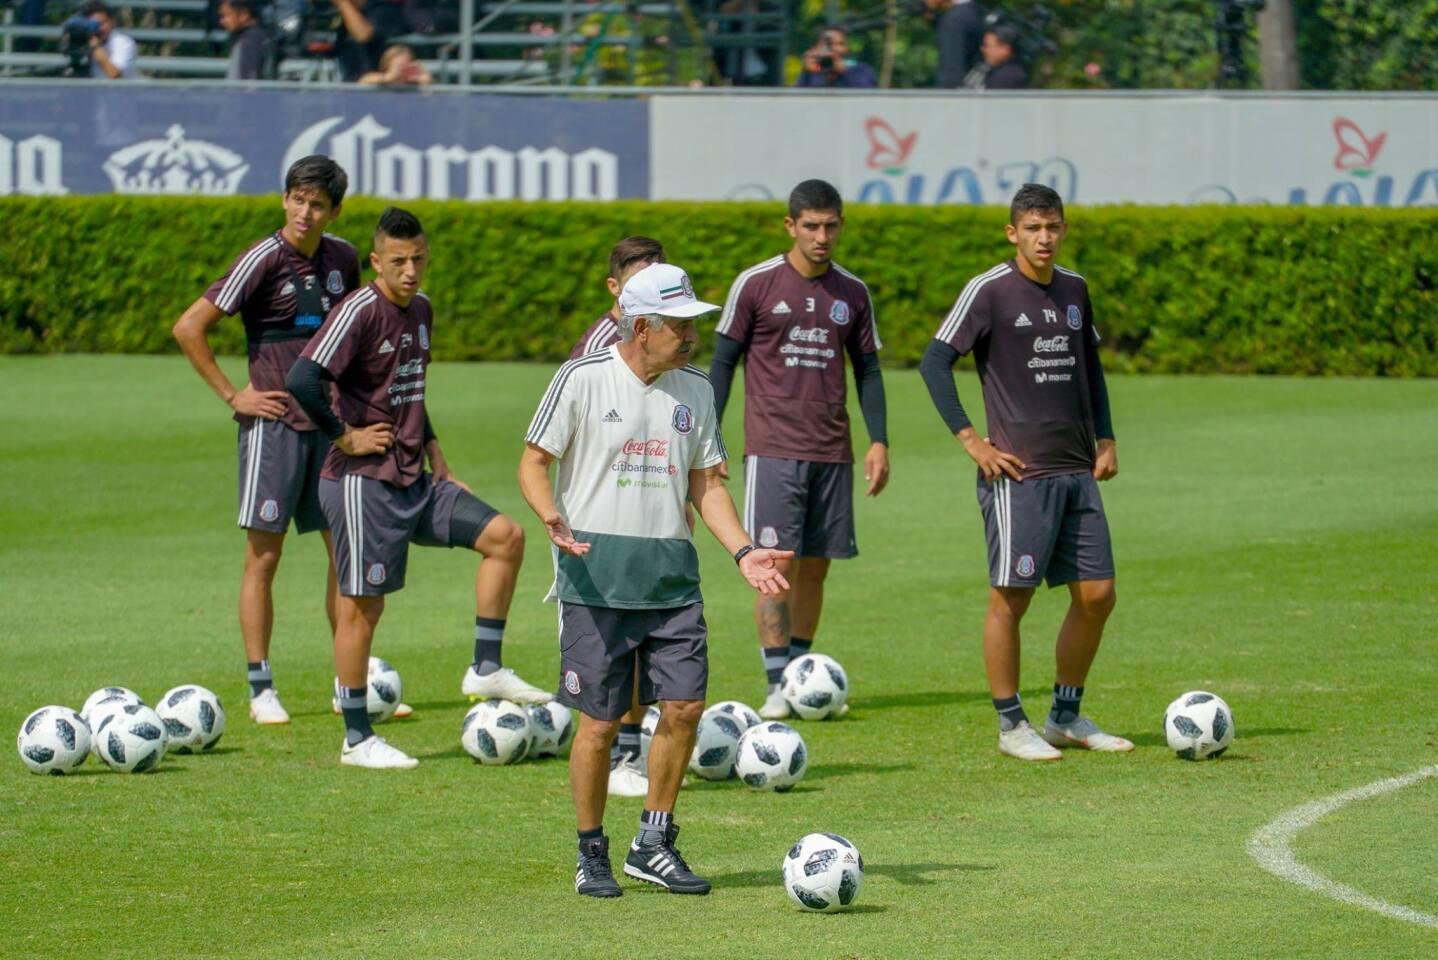 La selección mexicana de futbol, con el interino Ricardo Ferretti al mando, se alista para enfrentar este jueves 811 octubre) a Costa Rica en un amistoso en Monterrey, México.